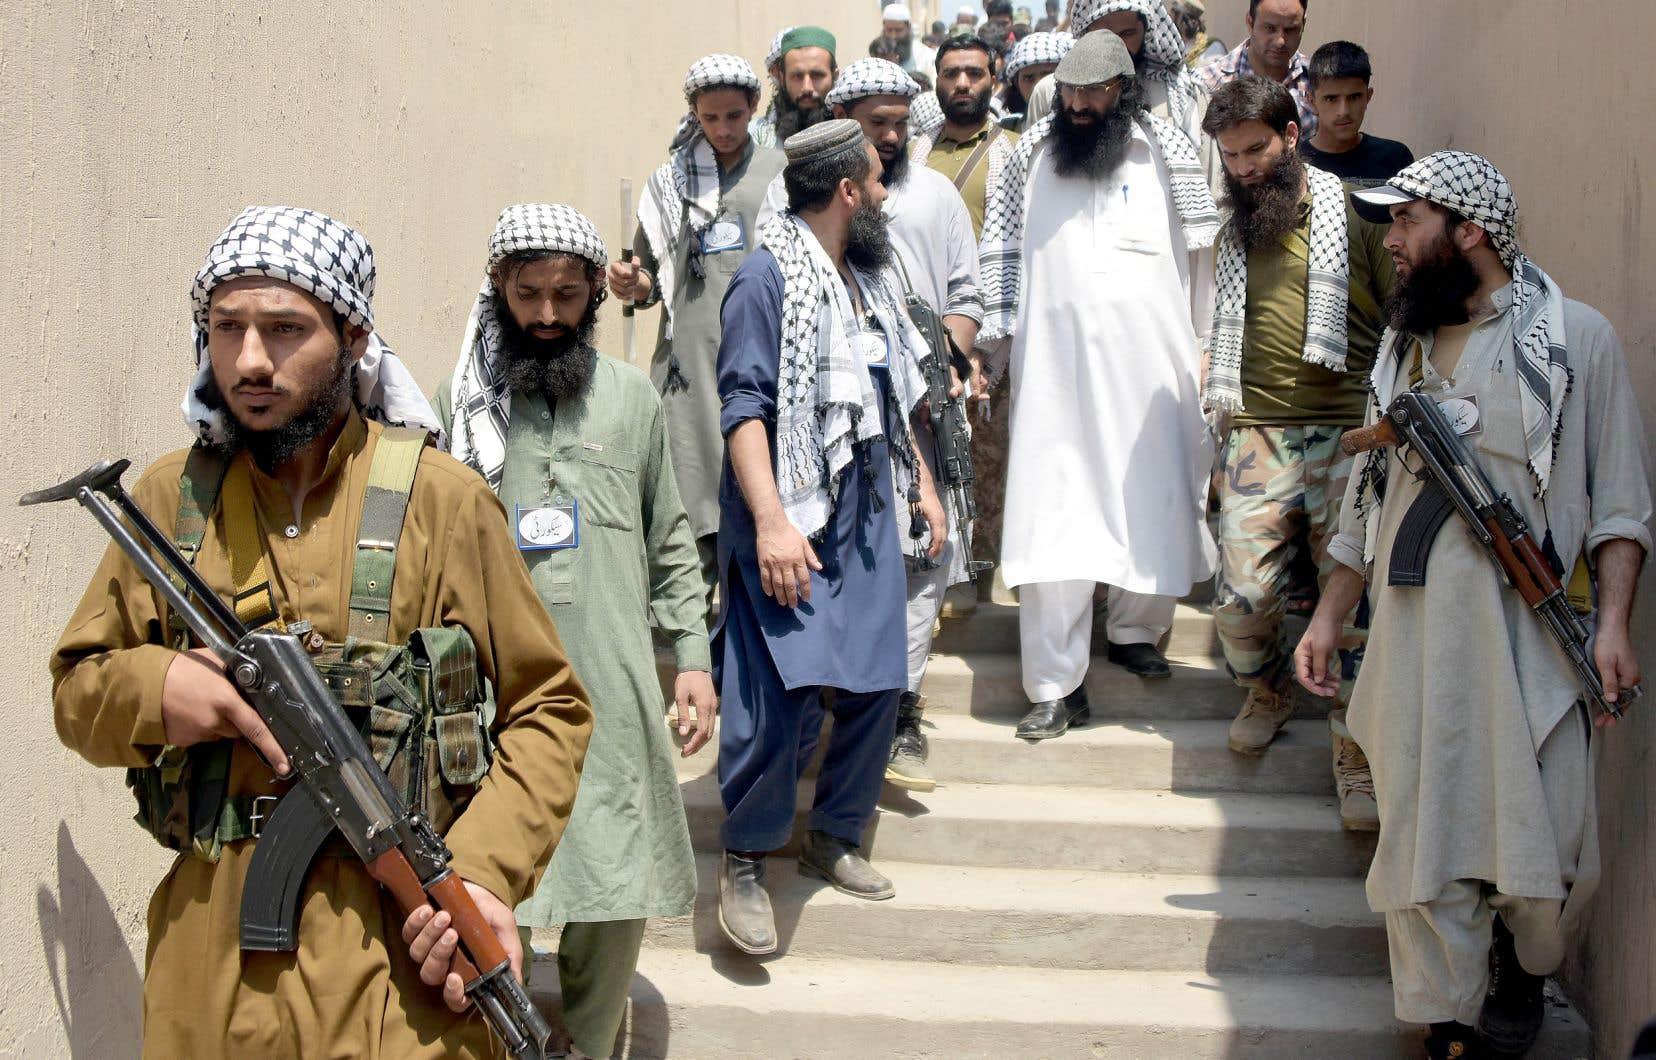 Le groupe Hizb-ul-Mujahideen, dont on voit le chef, Sayeed Salahuddin, entouré de militants en 2017, pourrait reprendre les armes «si l'Inde ne met pas fin à l'oppression».